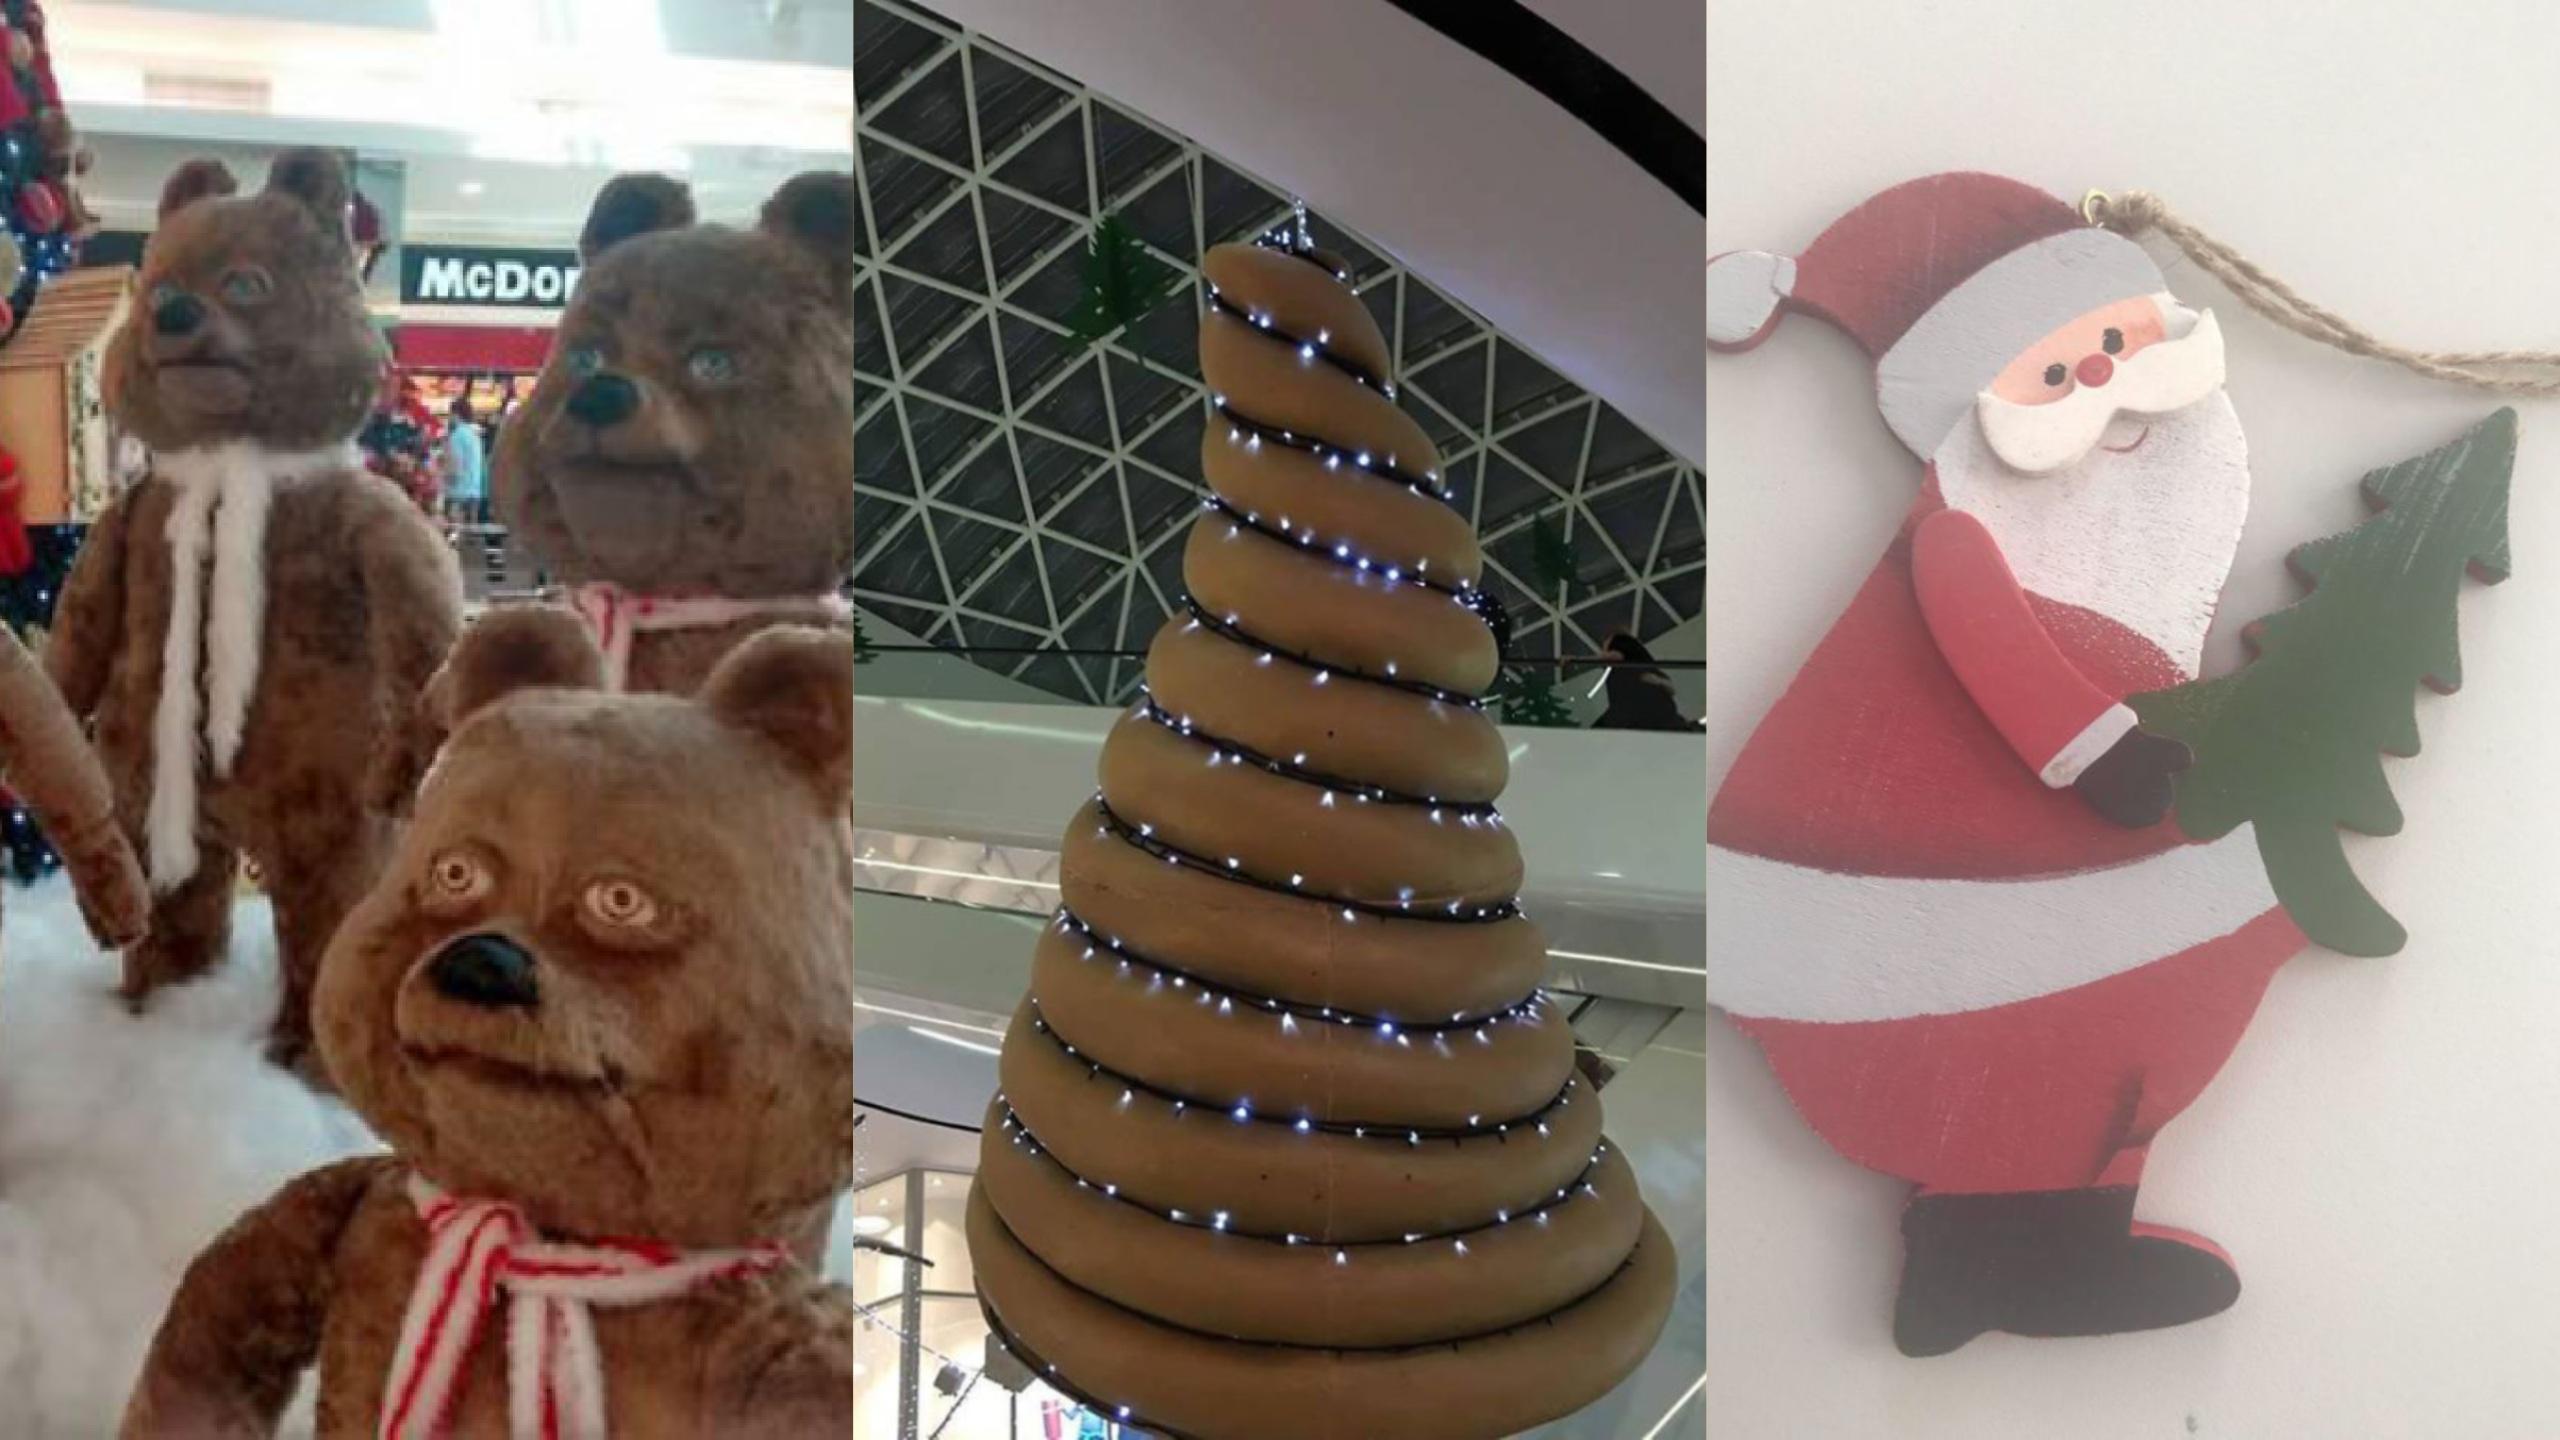 Fails, Navidad, Regalos, Decoraciones, Navidad 2017, Navideños